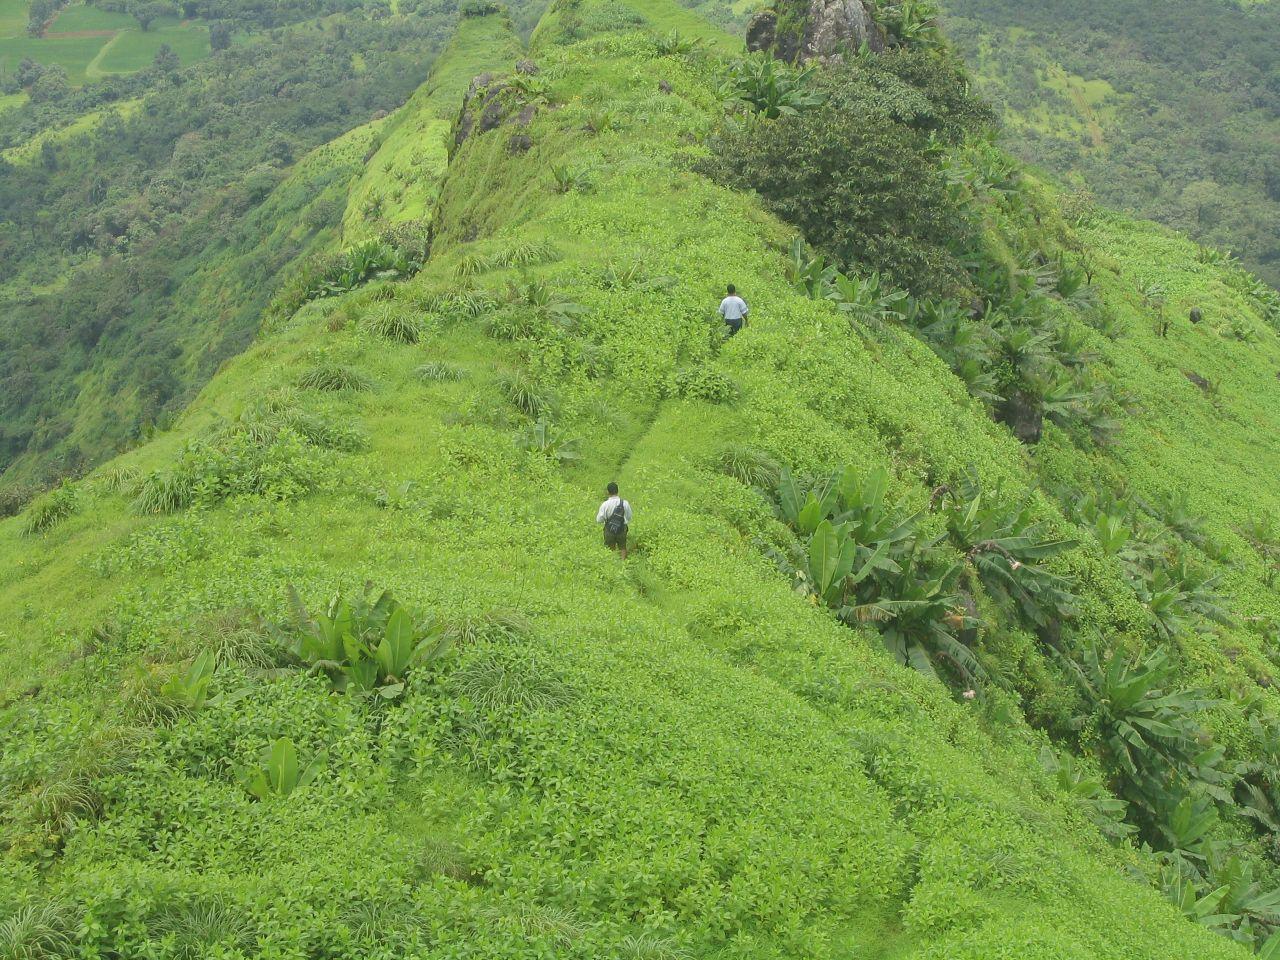 Trekking in Kamshet